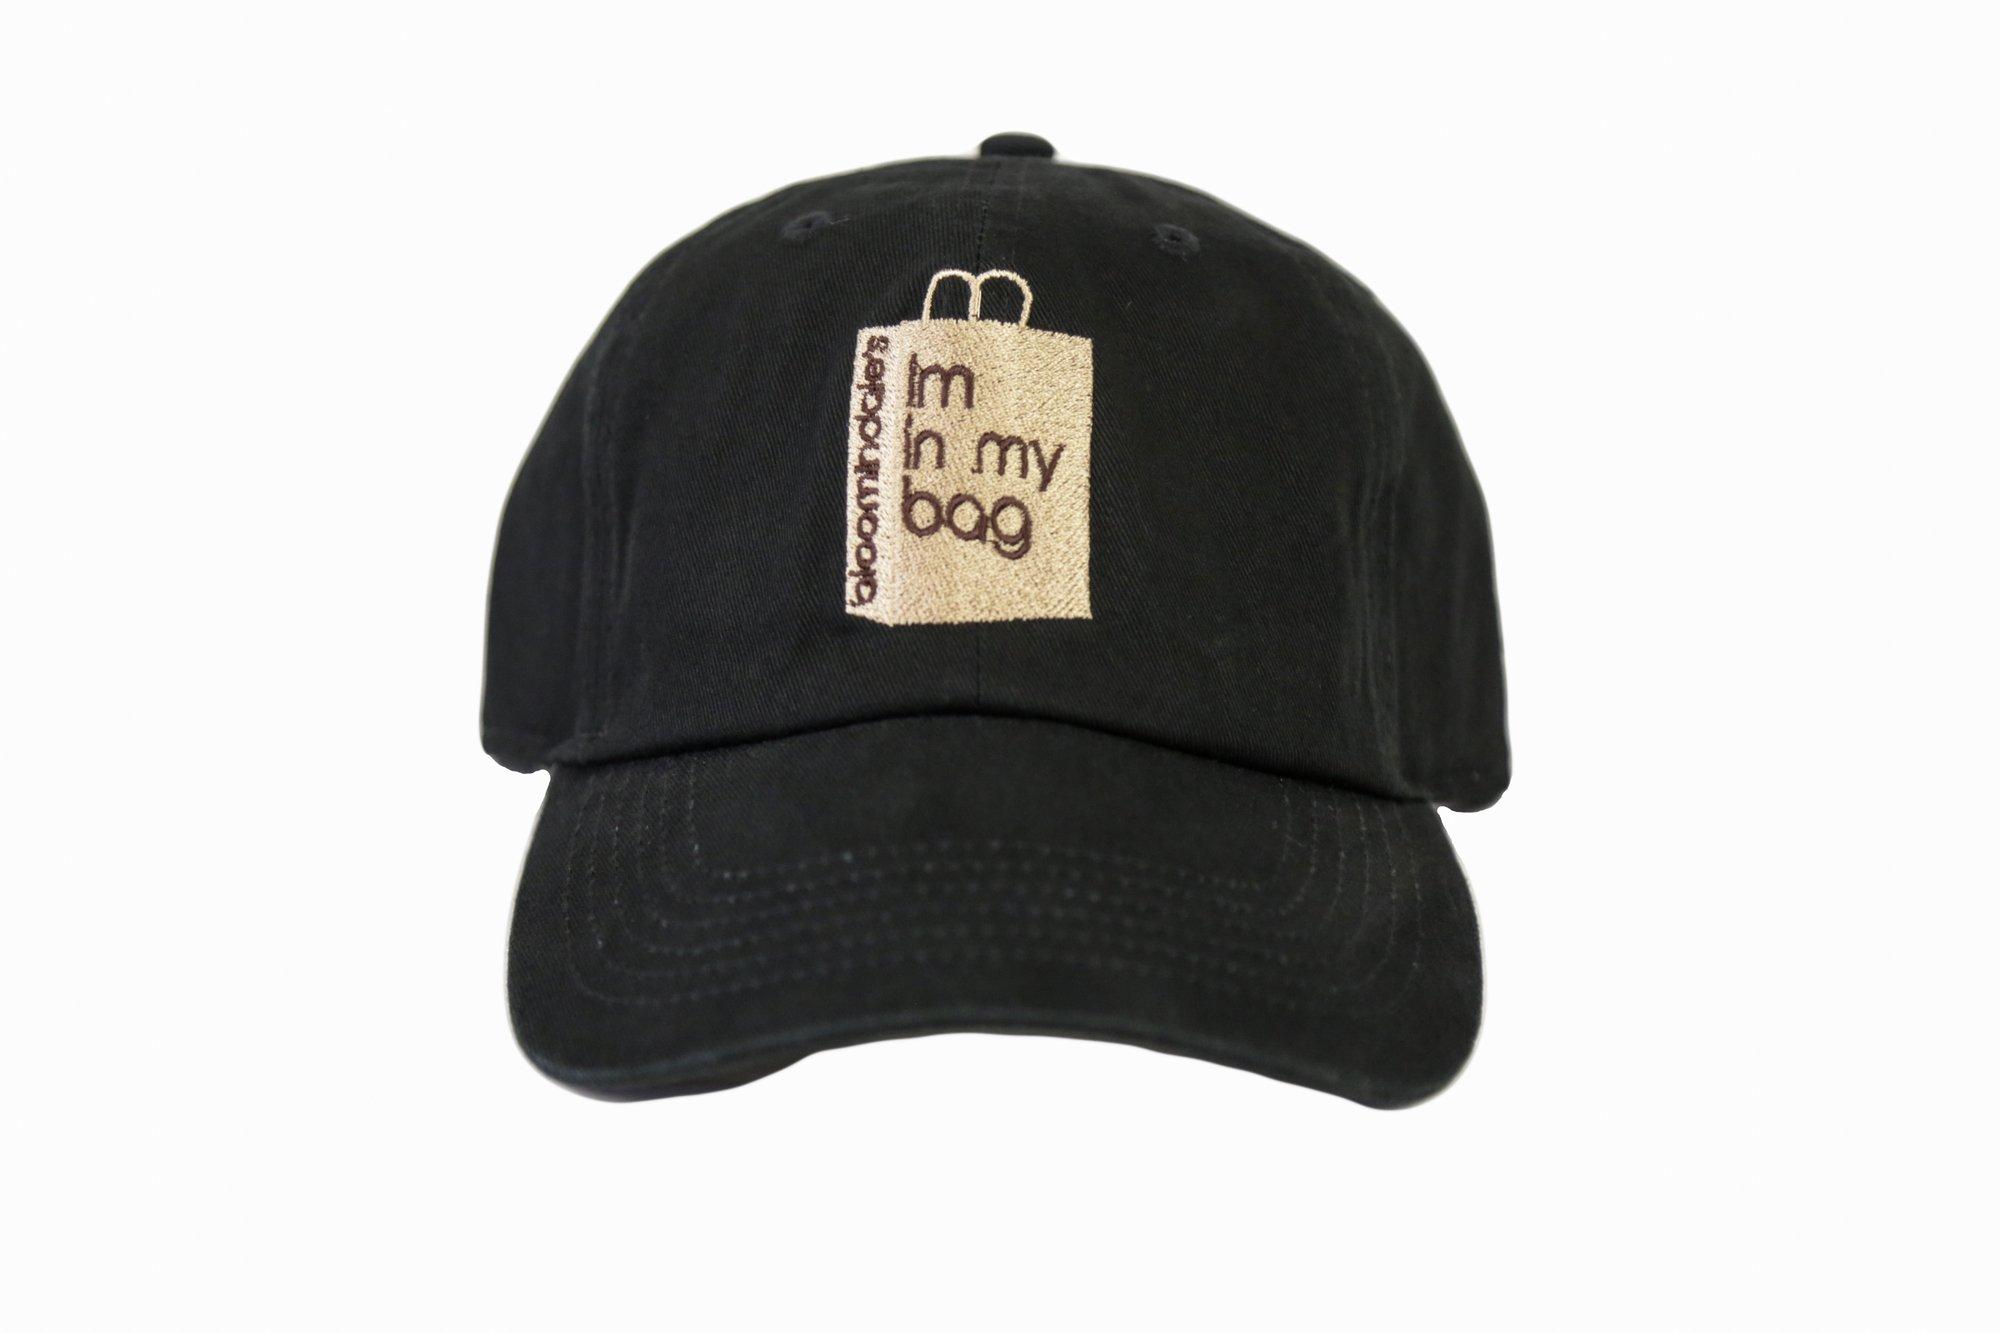 Image of Black Im In My Bag Dad Hat 04ed206ead8